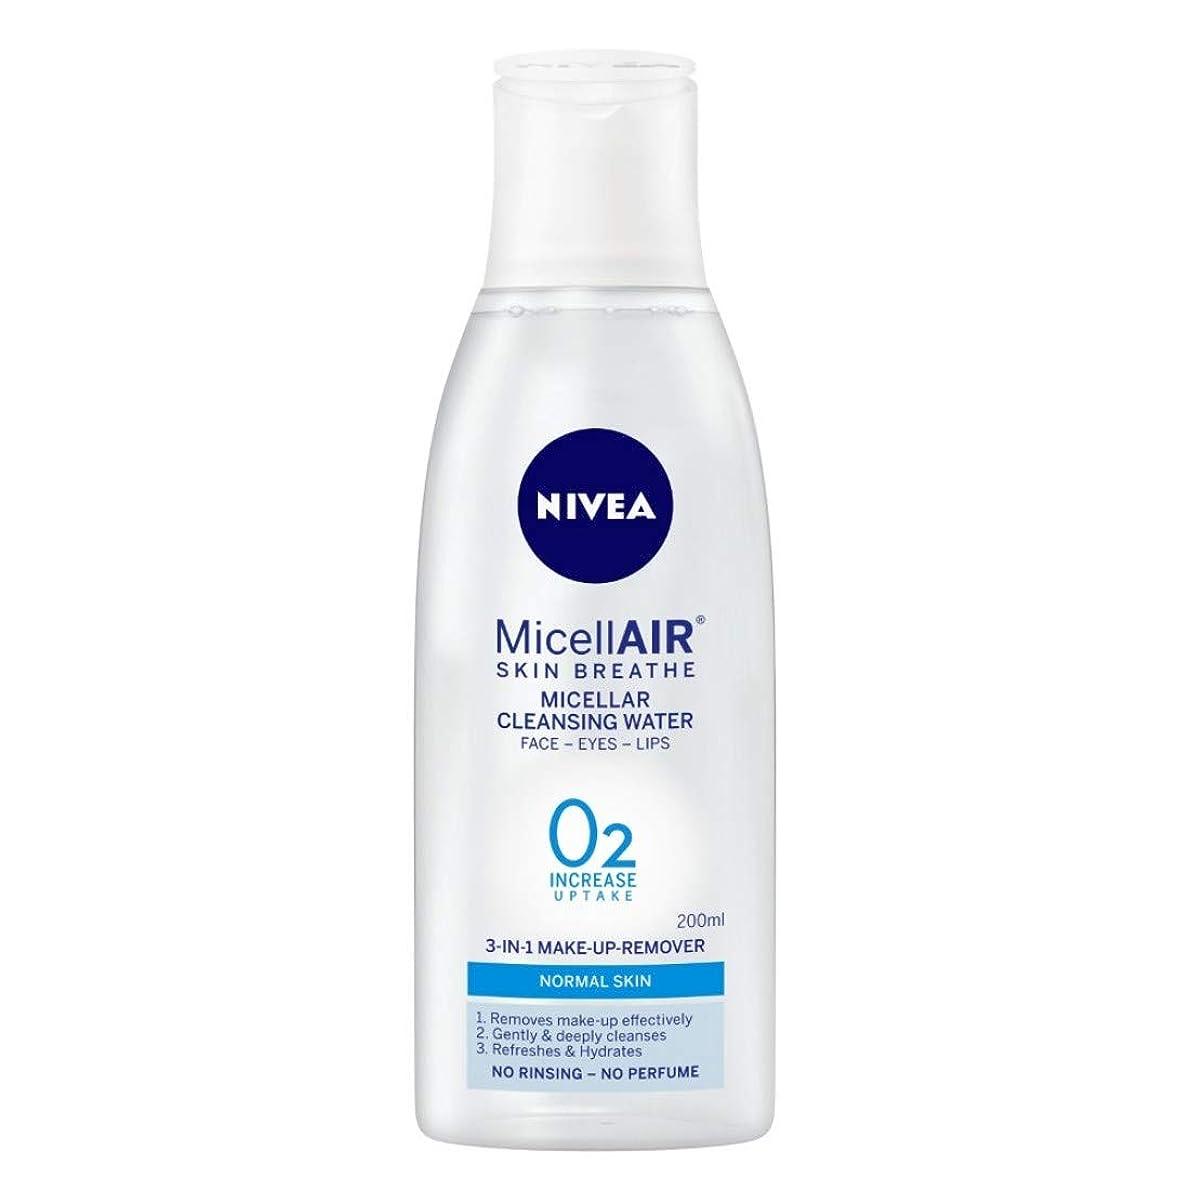 オールリマークリードNIVEA Micellar Cleansing Water, MicellAIR Skin Breathe Make Up Remover, 200ml